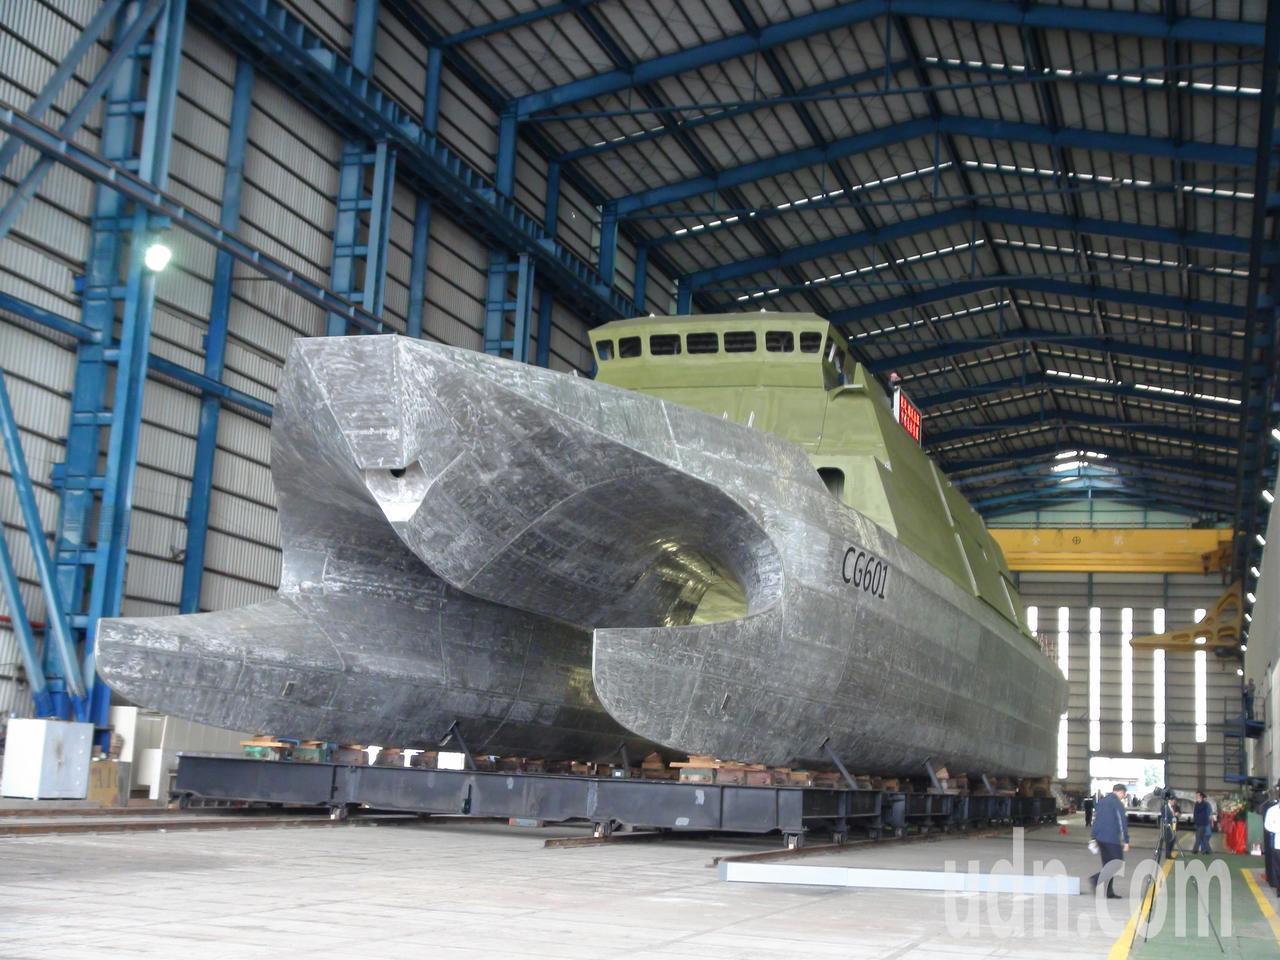 Майбутній патрульний корабель Anping CG601 Берегової охорони Тайваню перед фарбуванням